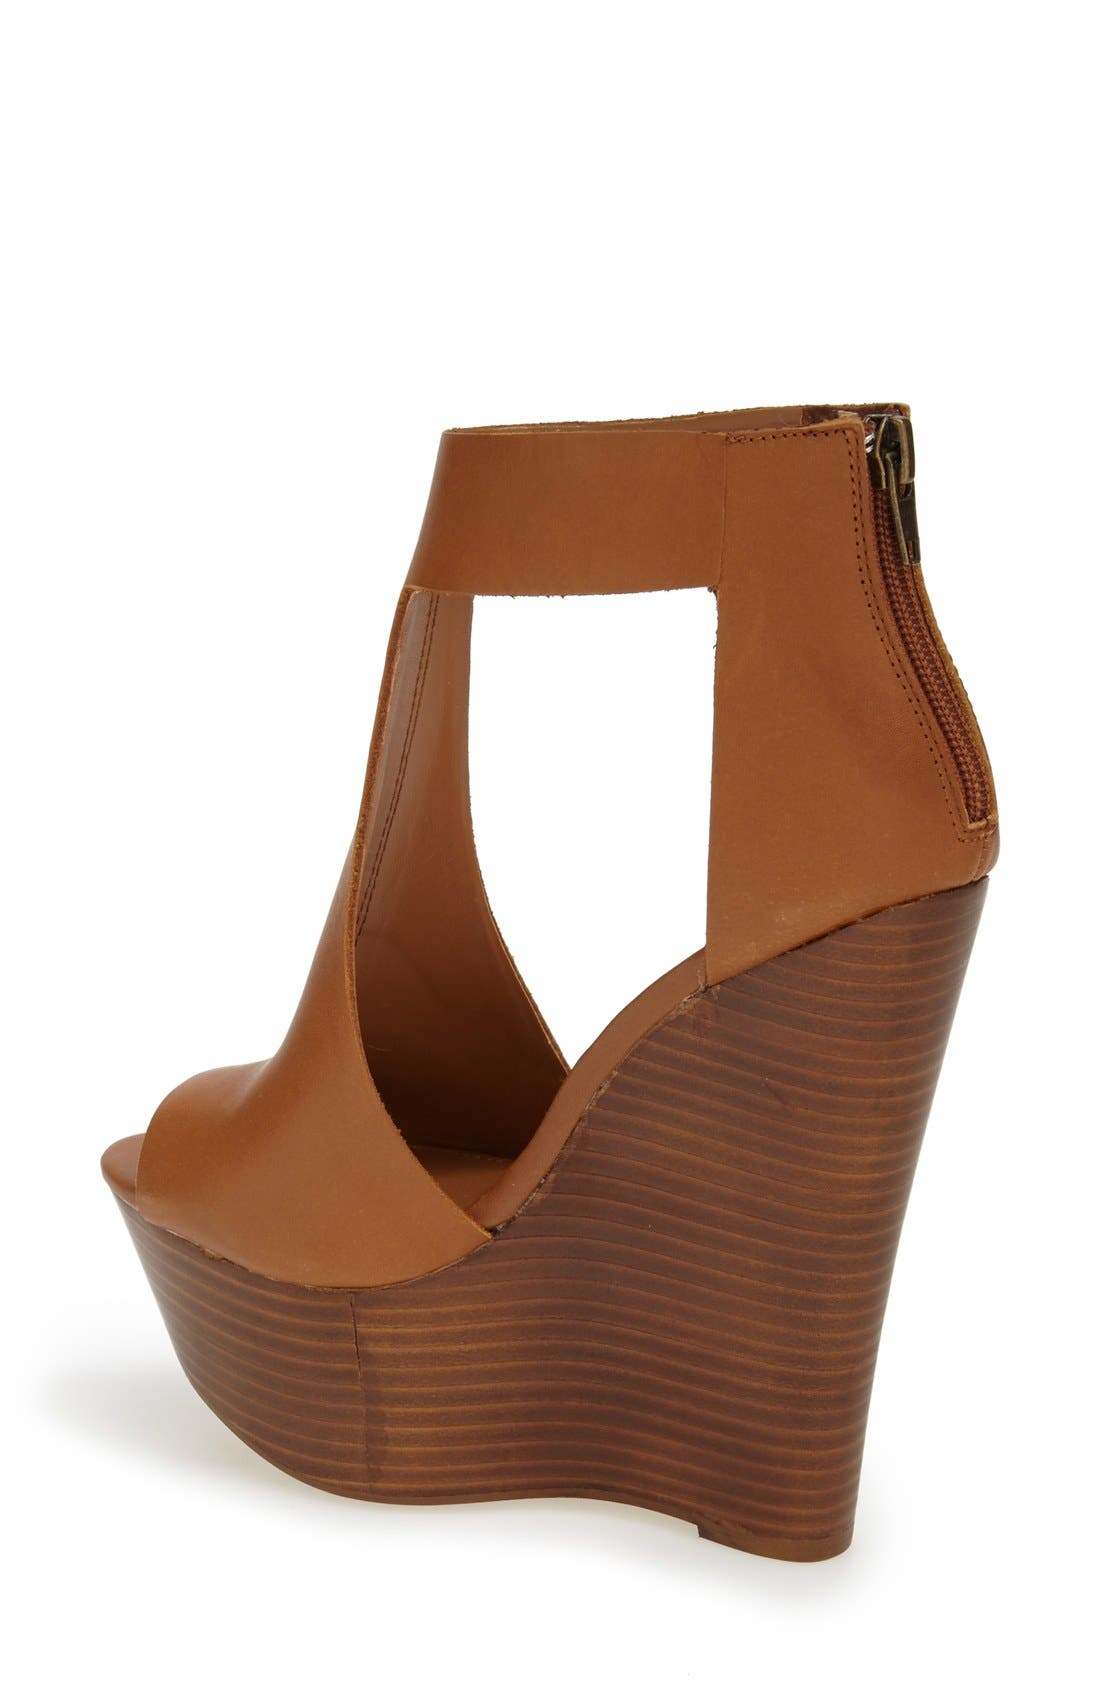 Alternate Image 2  - Steve Madden 'Gunnther' Platform Wedge Sandal (Women)